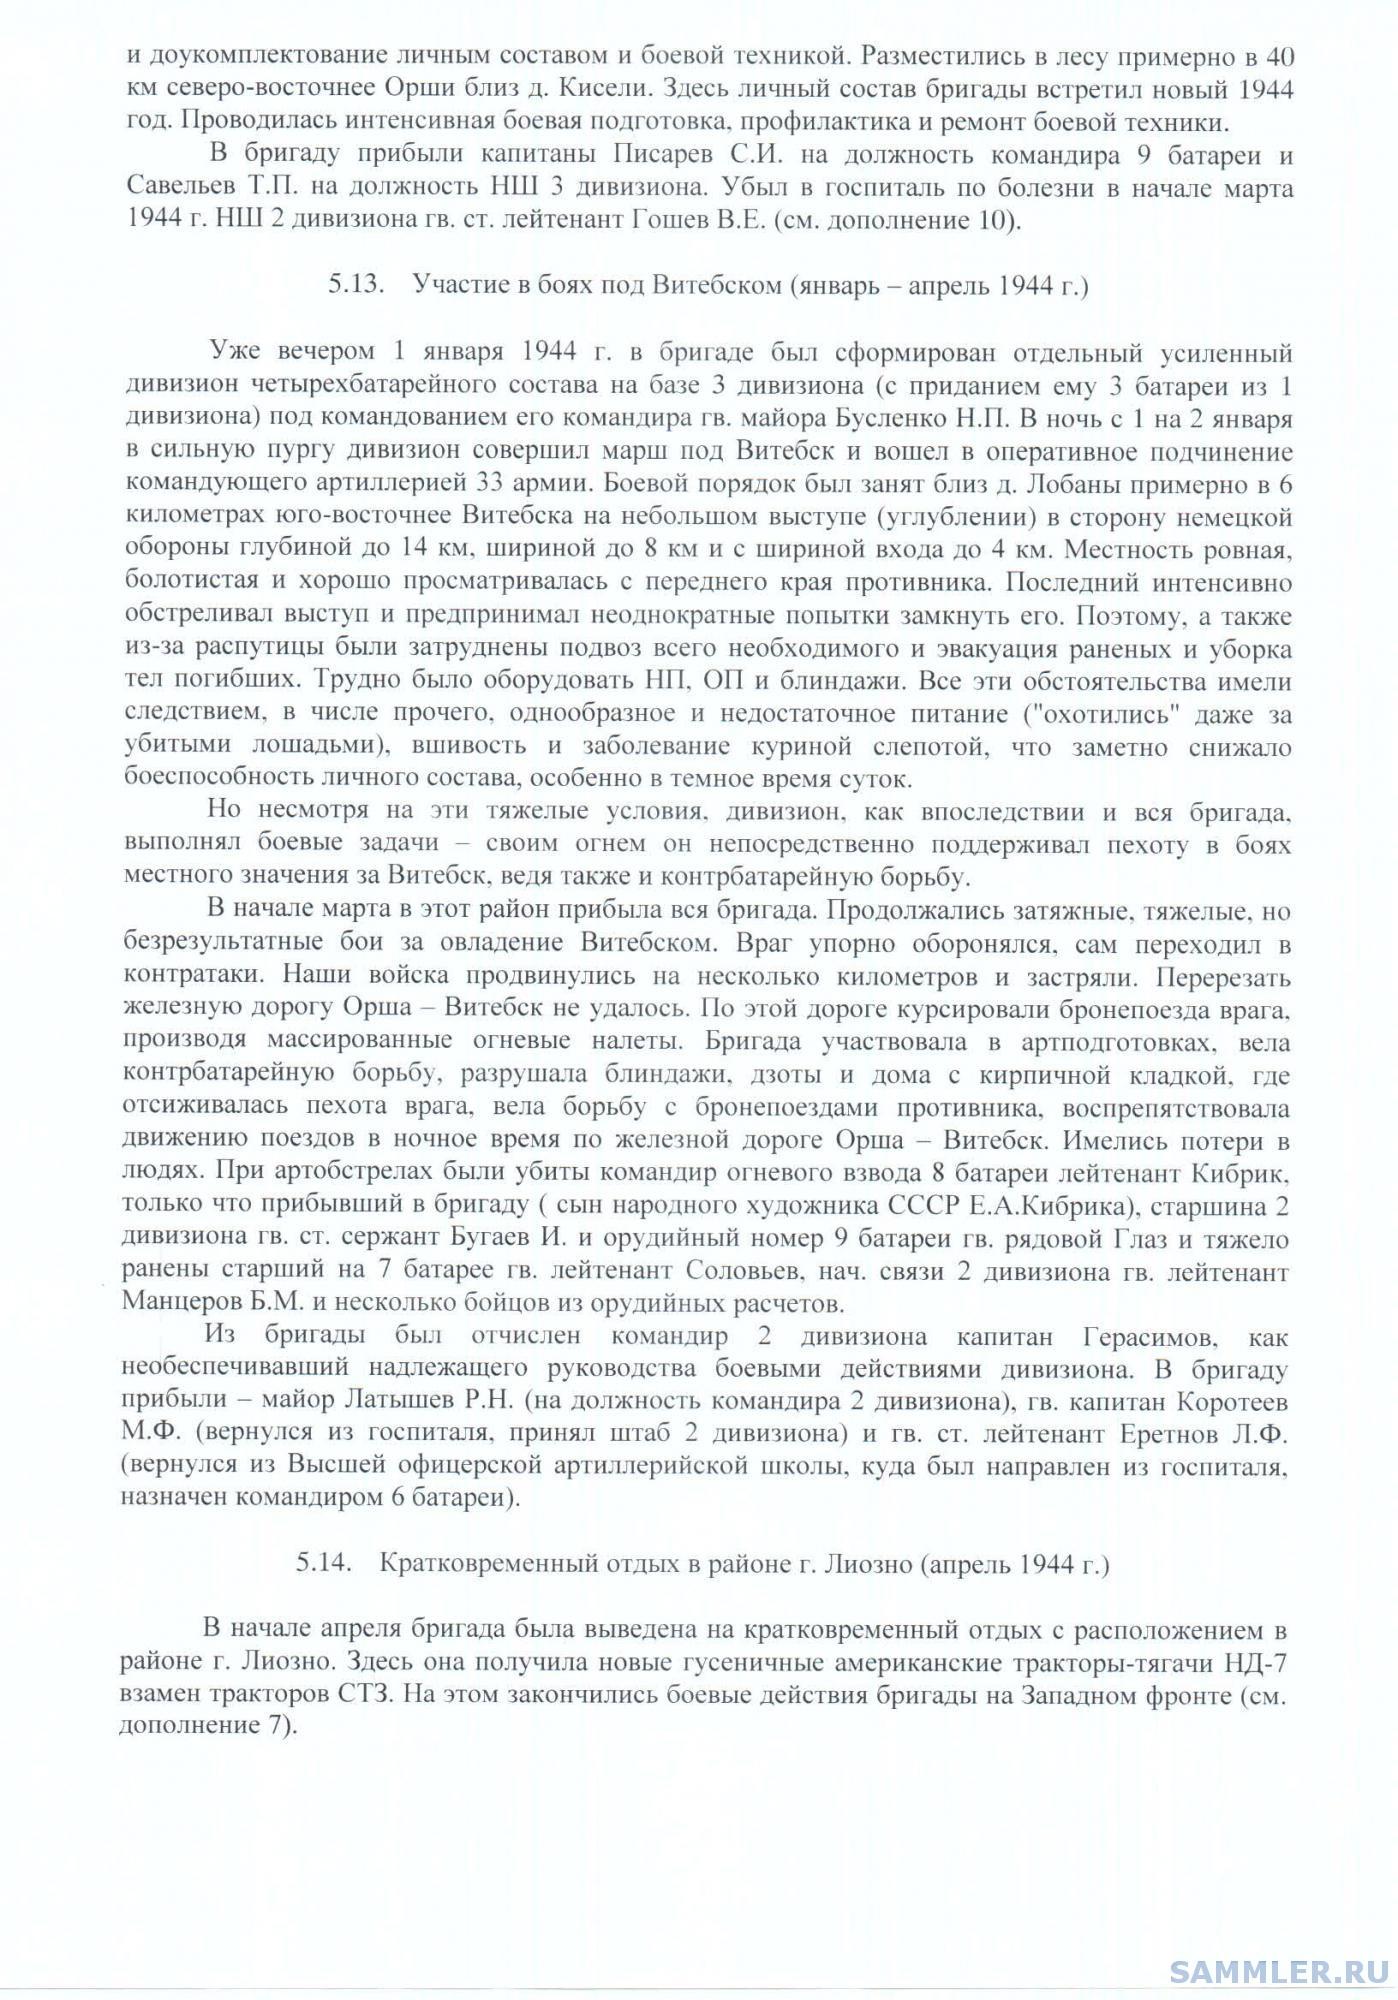 ЛИСТ 15.jpg